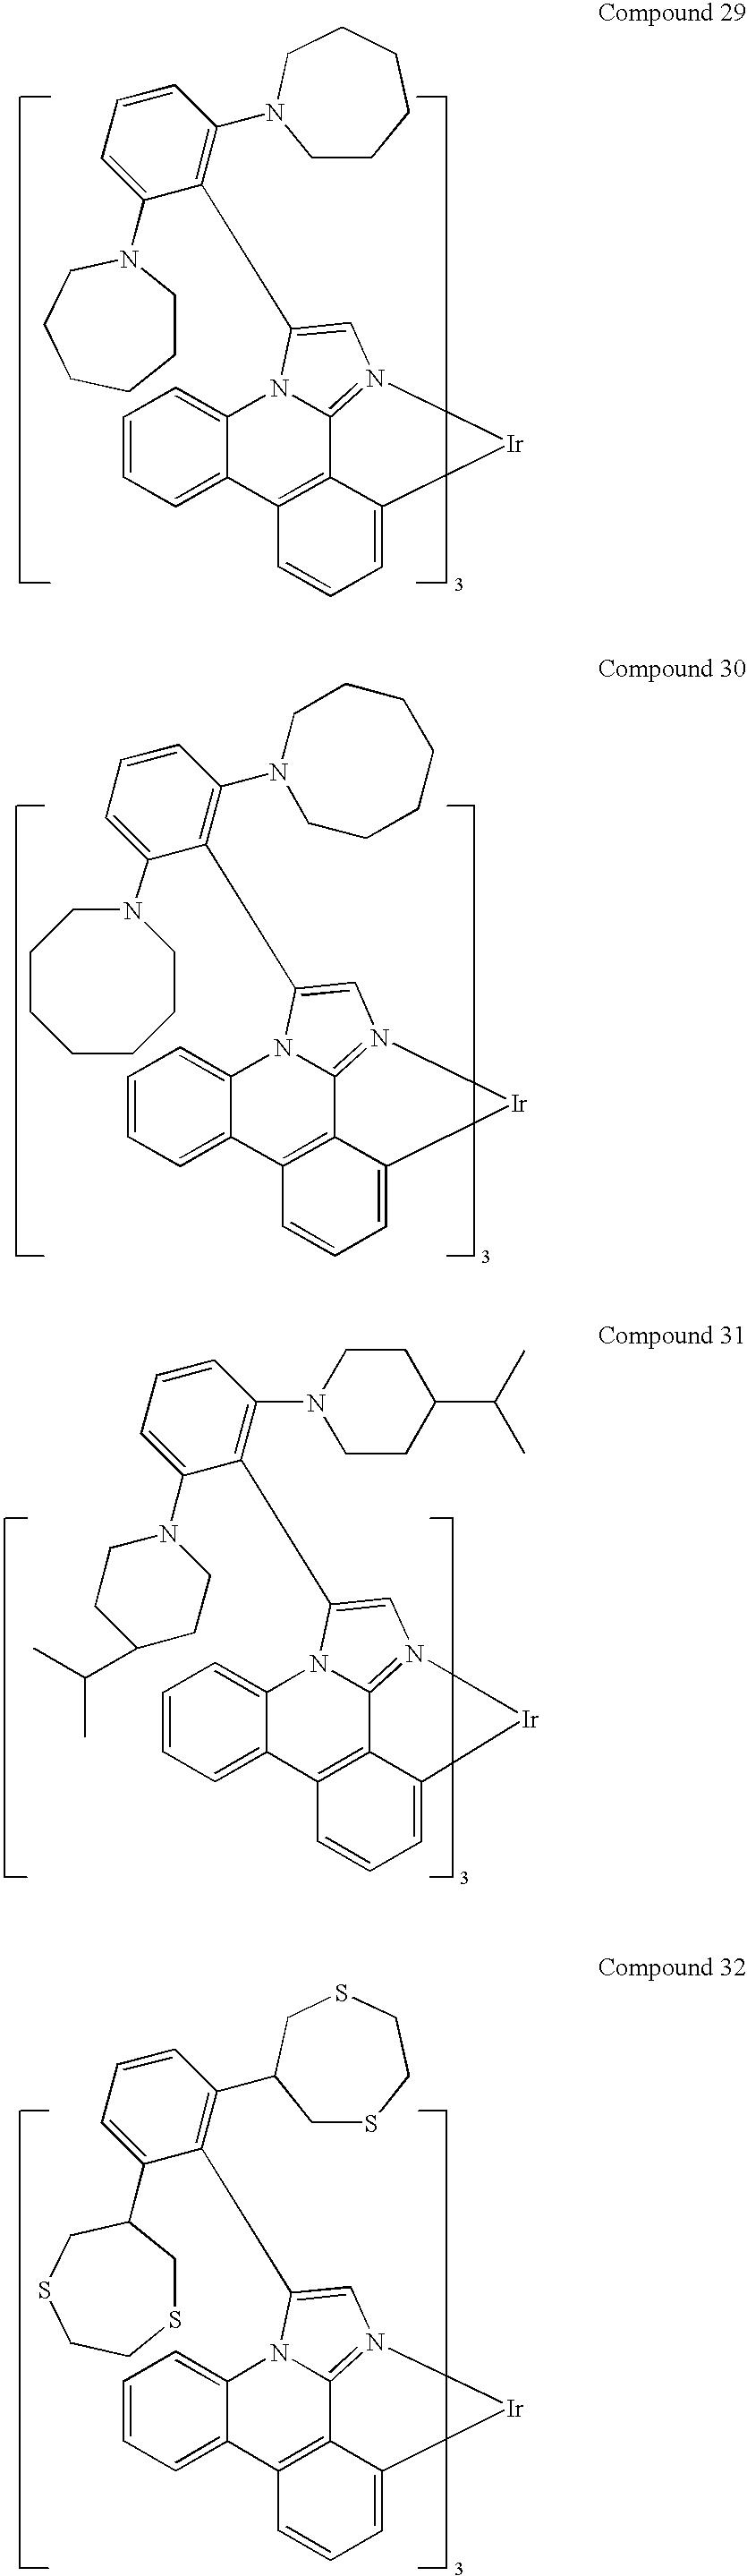 Figure US20100148663A1-20100617-C00024